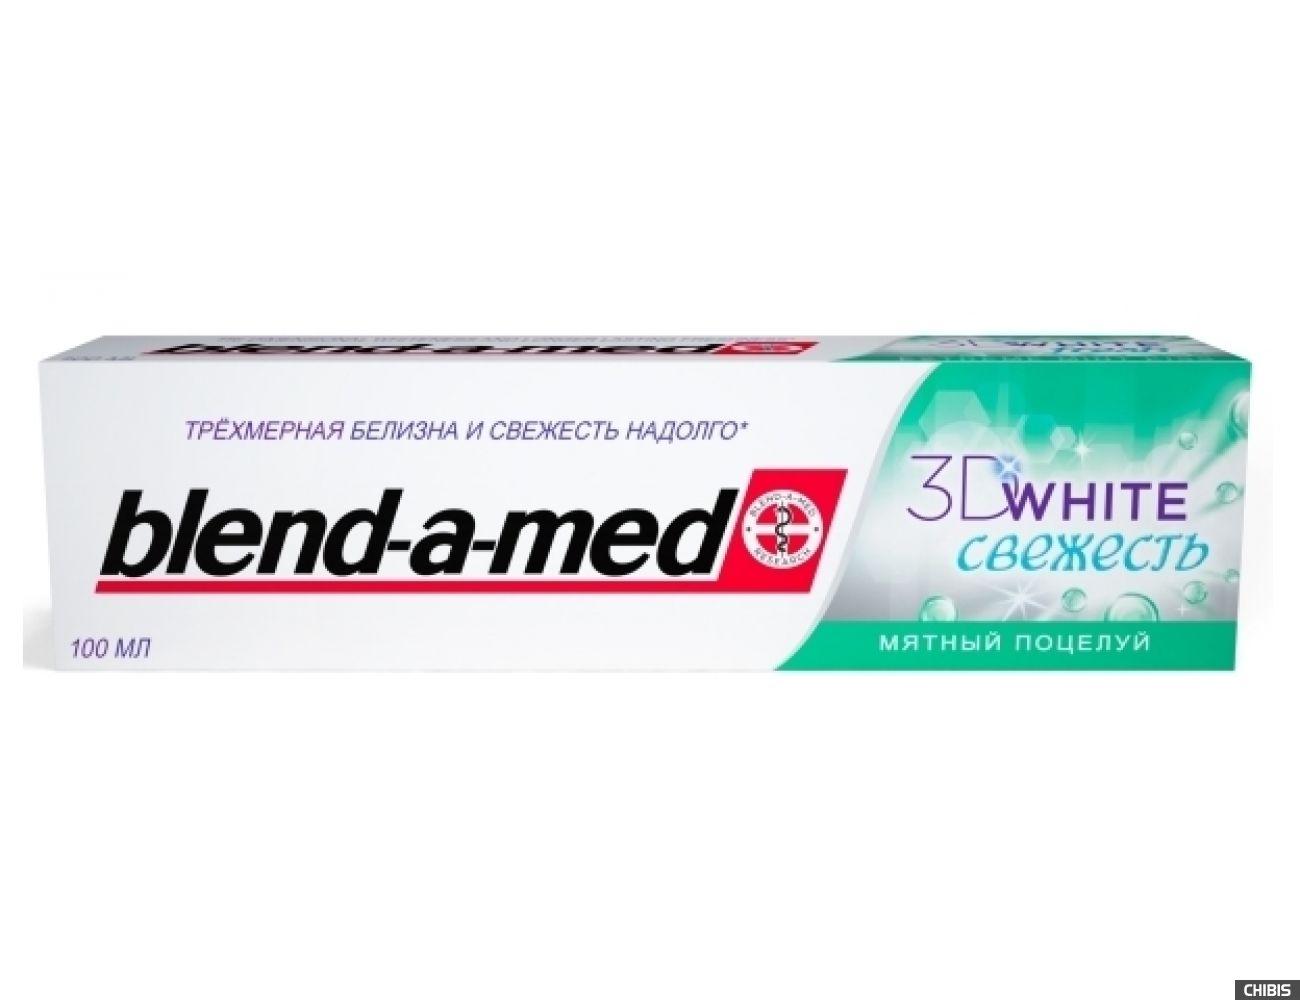 Зубная паста Blend-a-med 3D White Фреш Мятный Поцелуй 100 мл.(5013965612770)